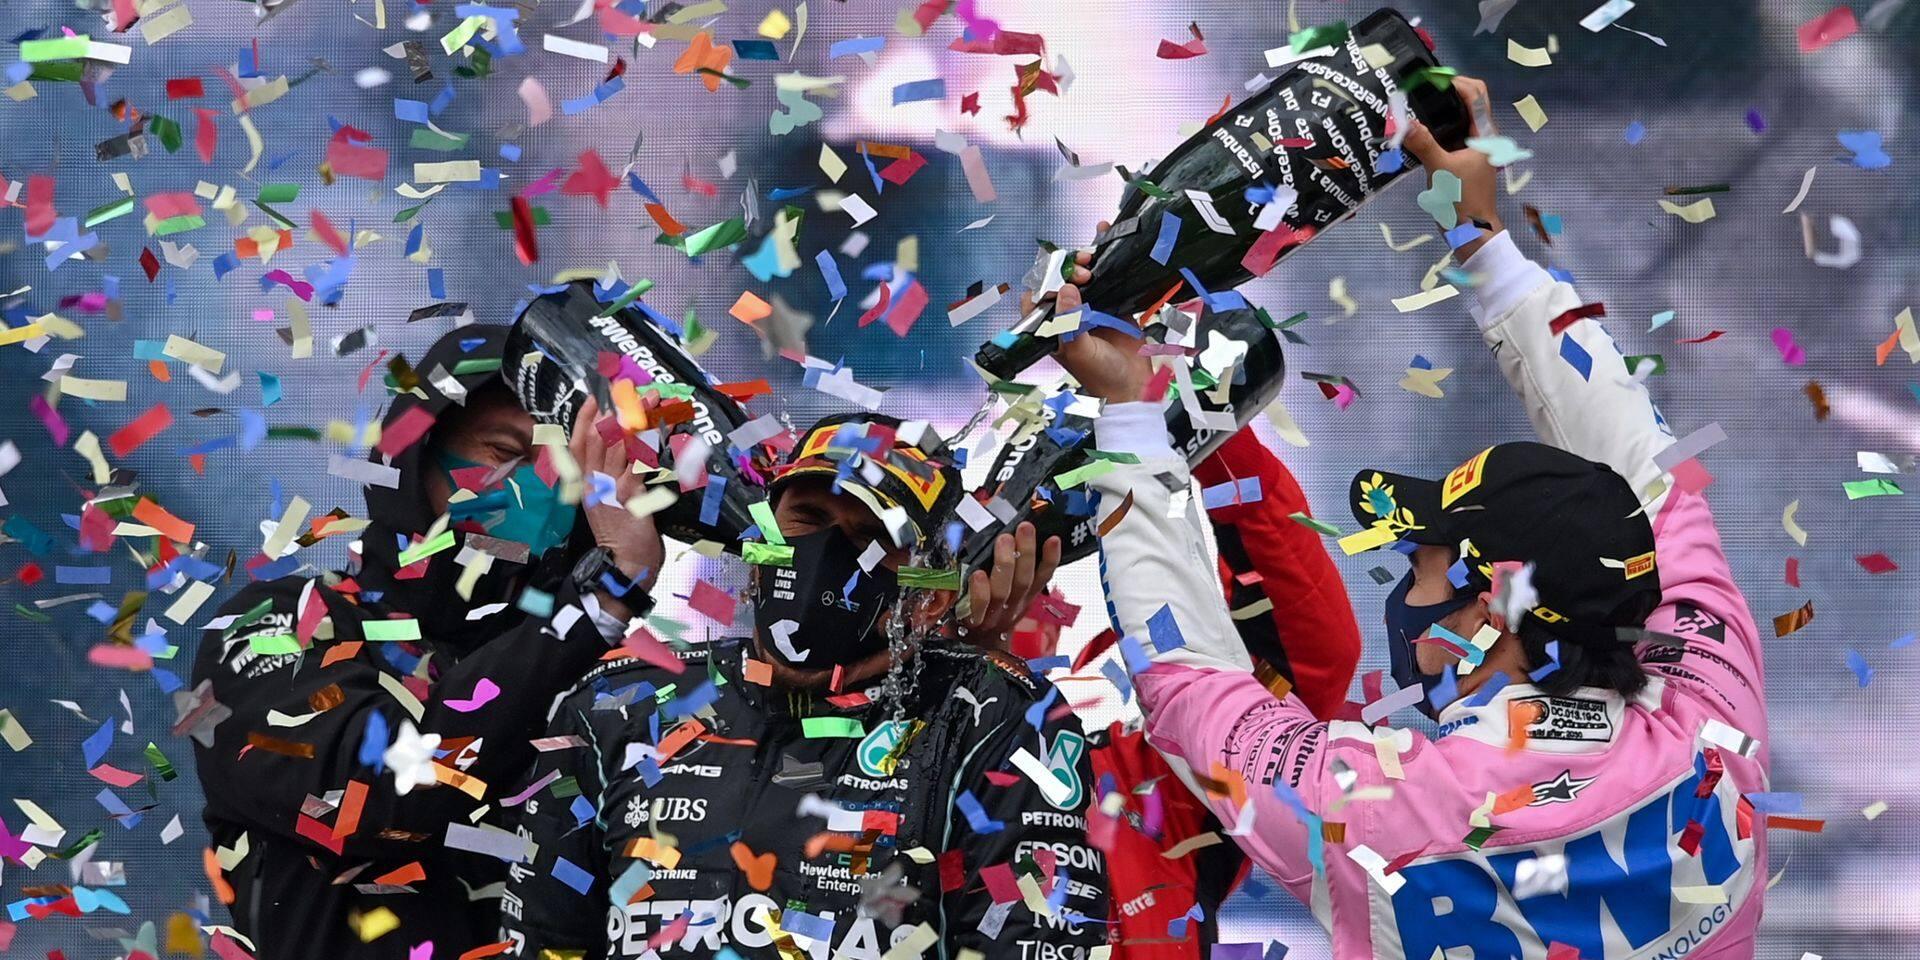 """""""Hamilton est le plus grand pilote de notre époque"""": le vibrant hommage de Vettel après le sacre du Britannique"""